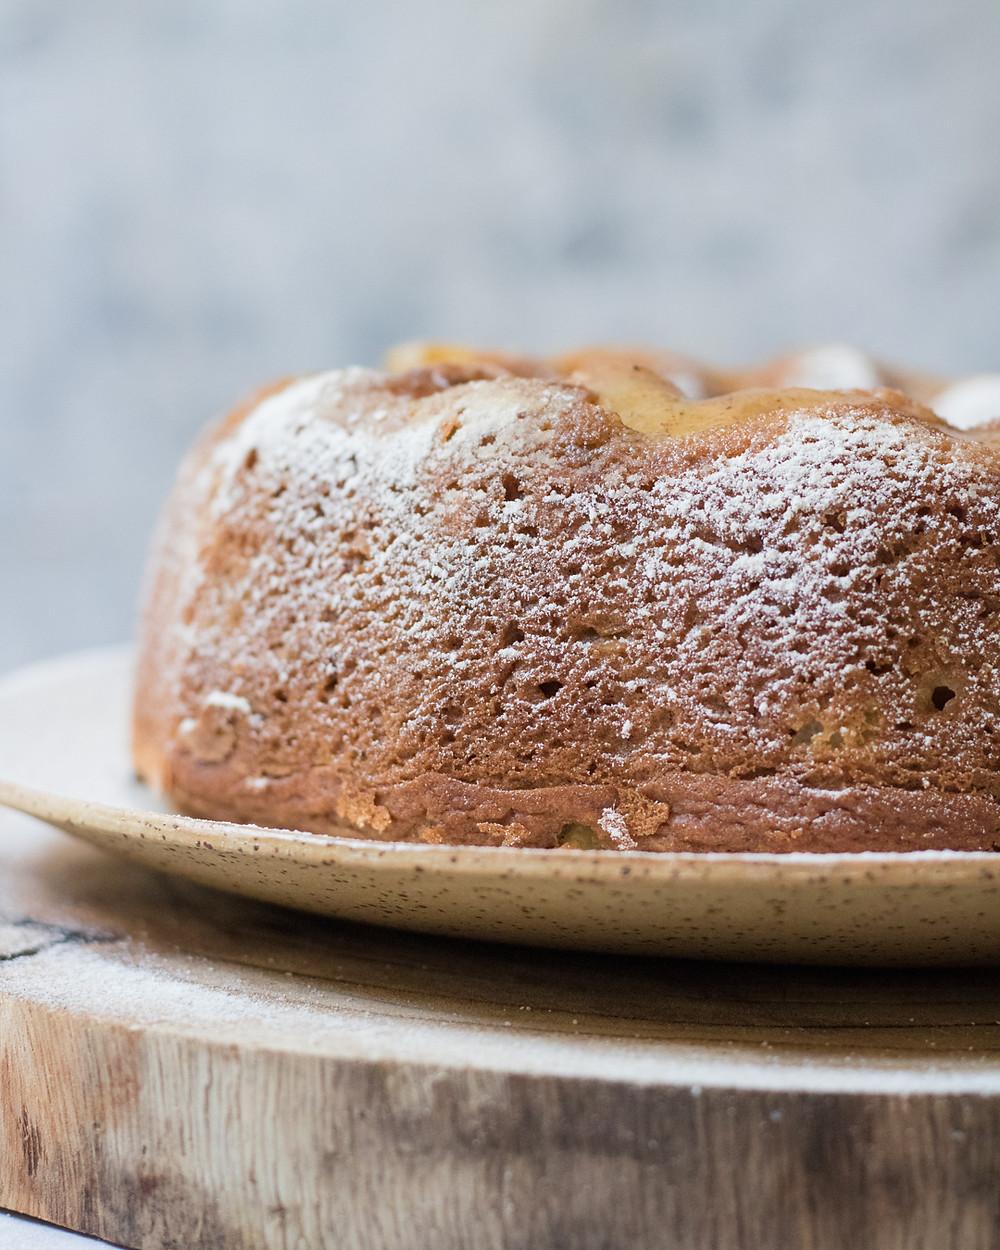 עוגת תפוחים טבעונית מקמח כוסמין מלא עם קינמון לכבוד ראש השנה